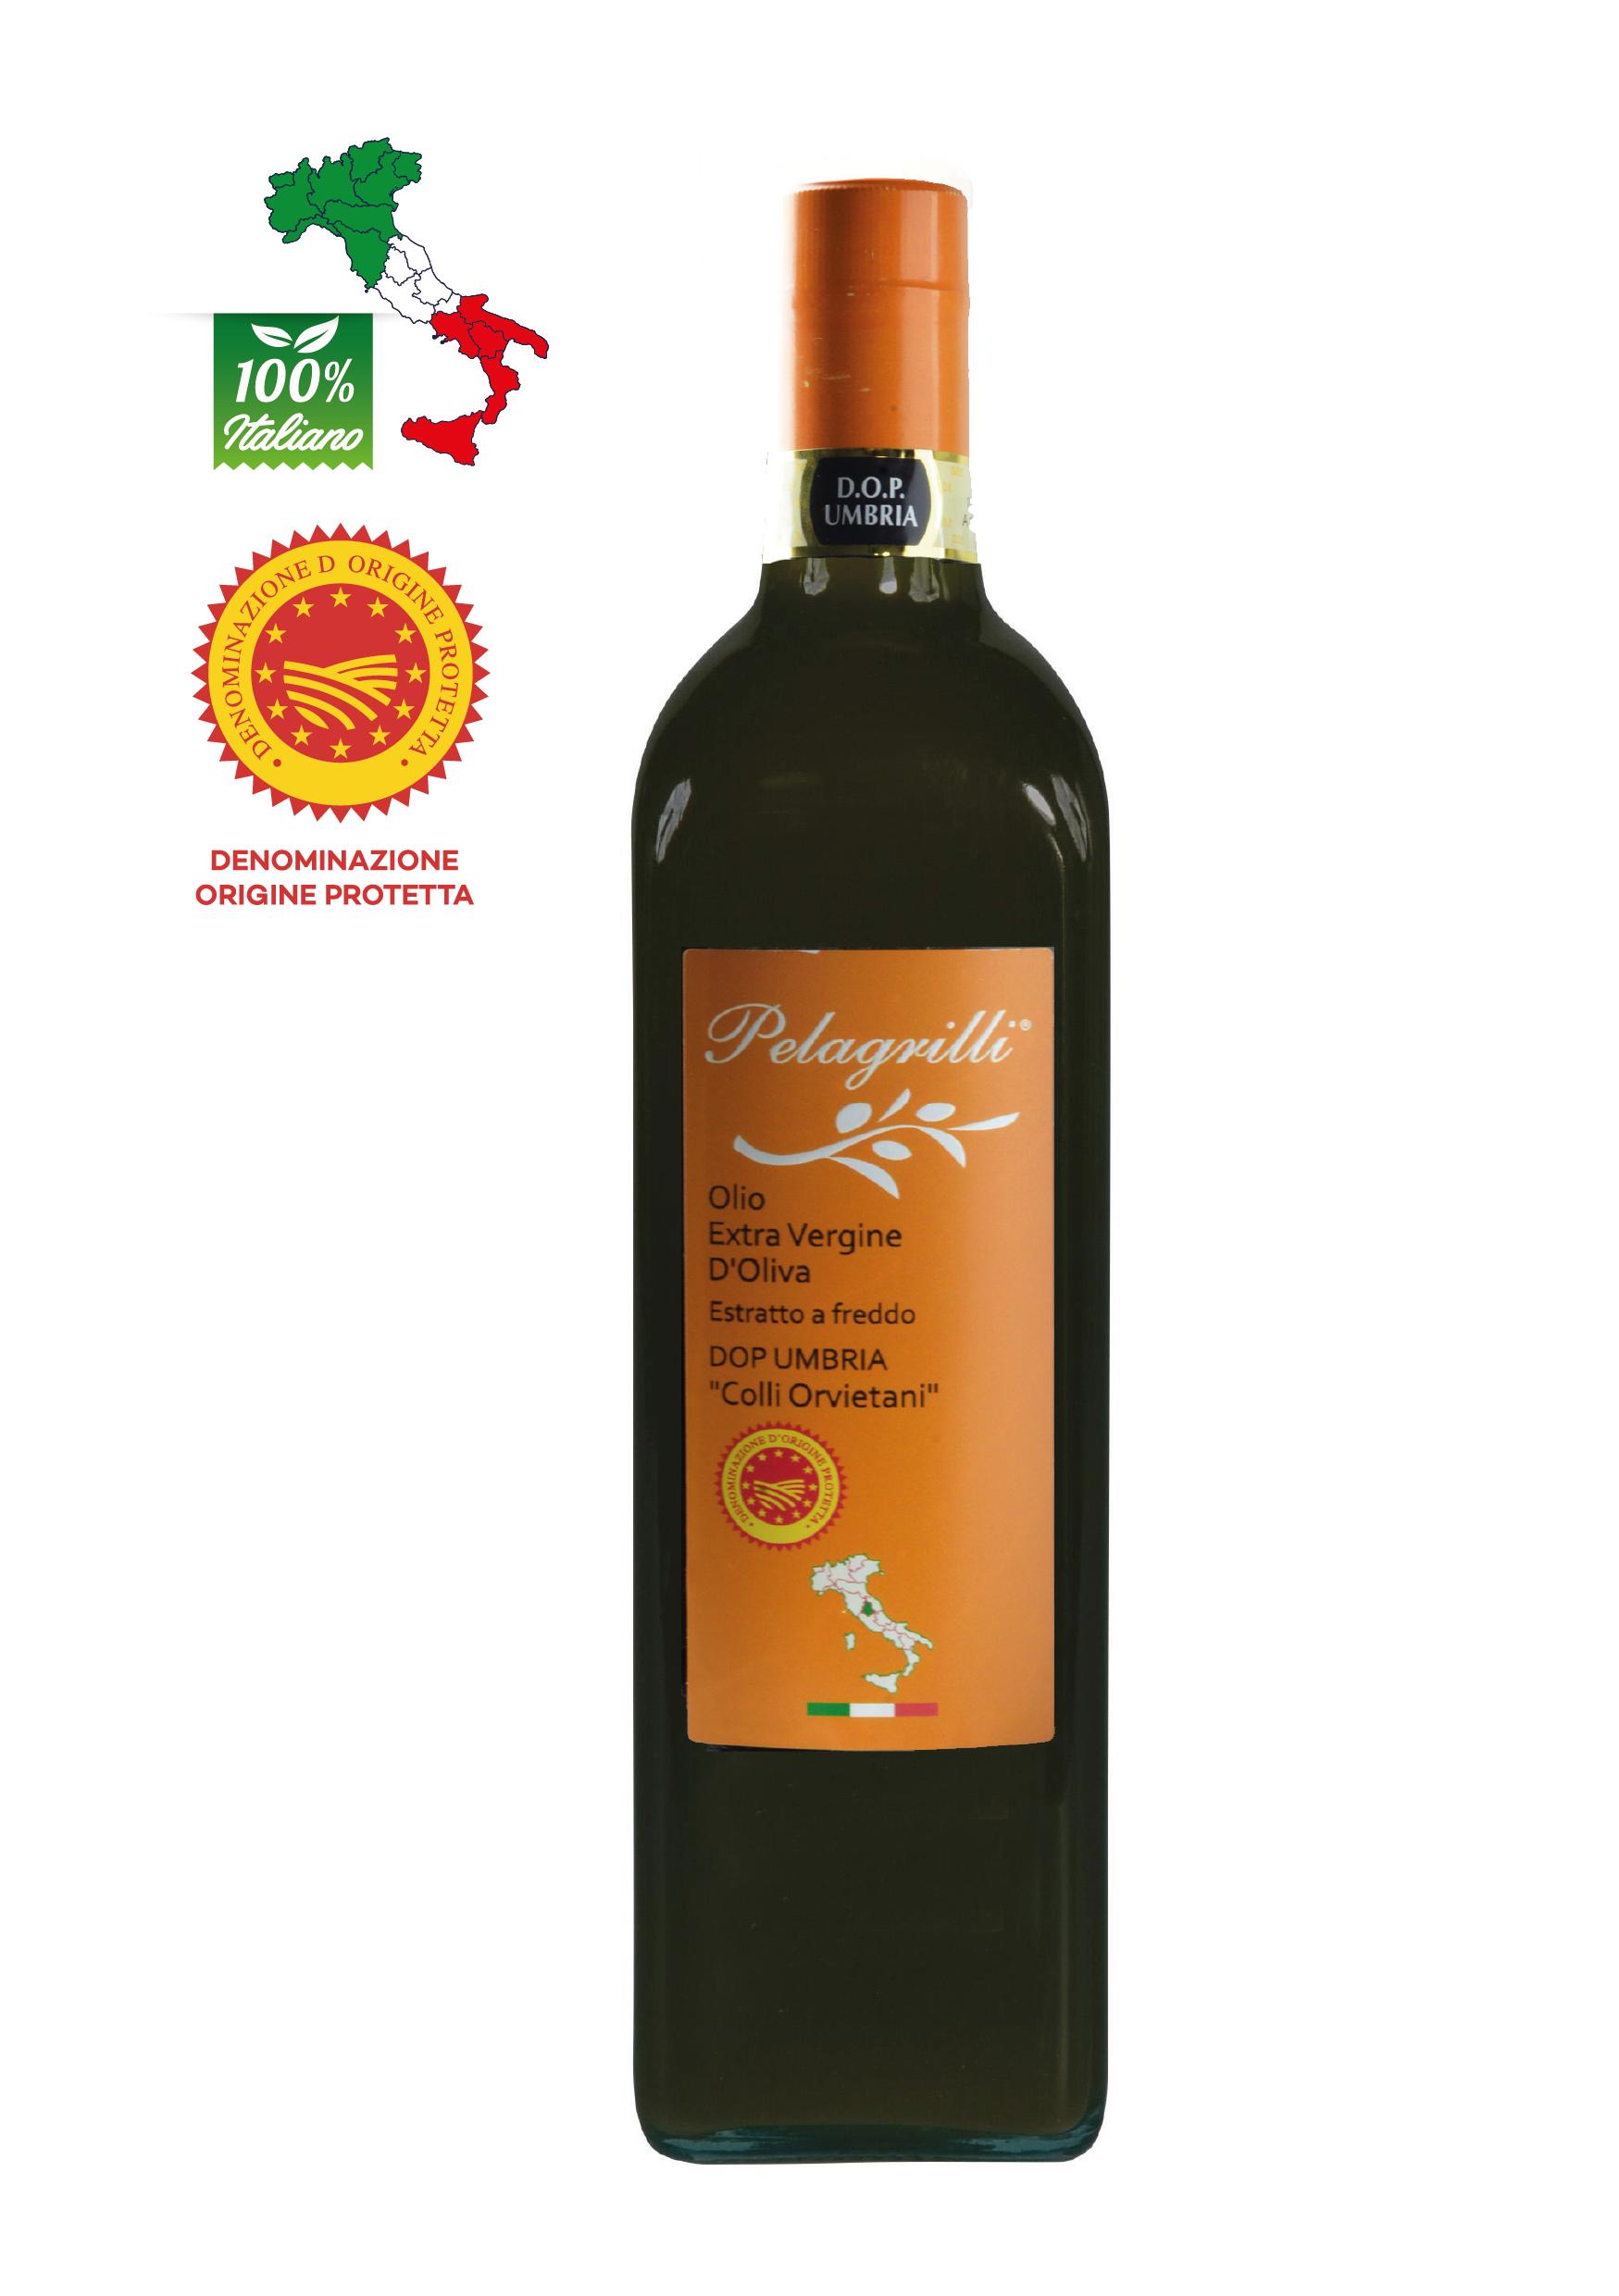 DOP UMBRIA Colli Orvietani  LT 0,75  Olio extravergine di oliva - Raccolto 2020-2021 - estratto a freddo - FILTRATO